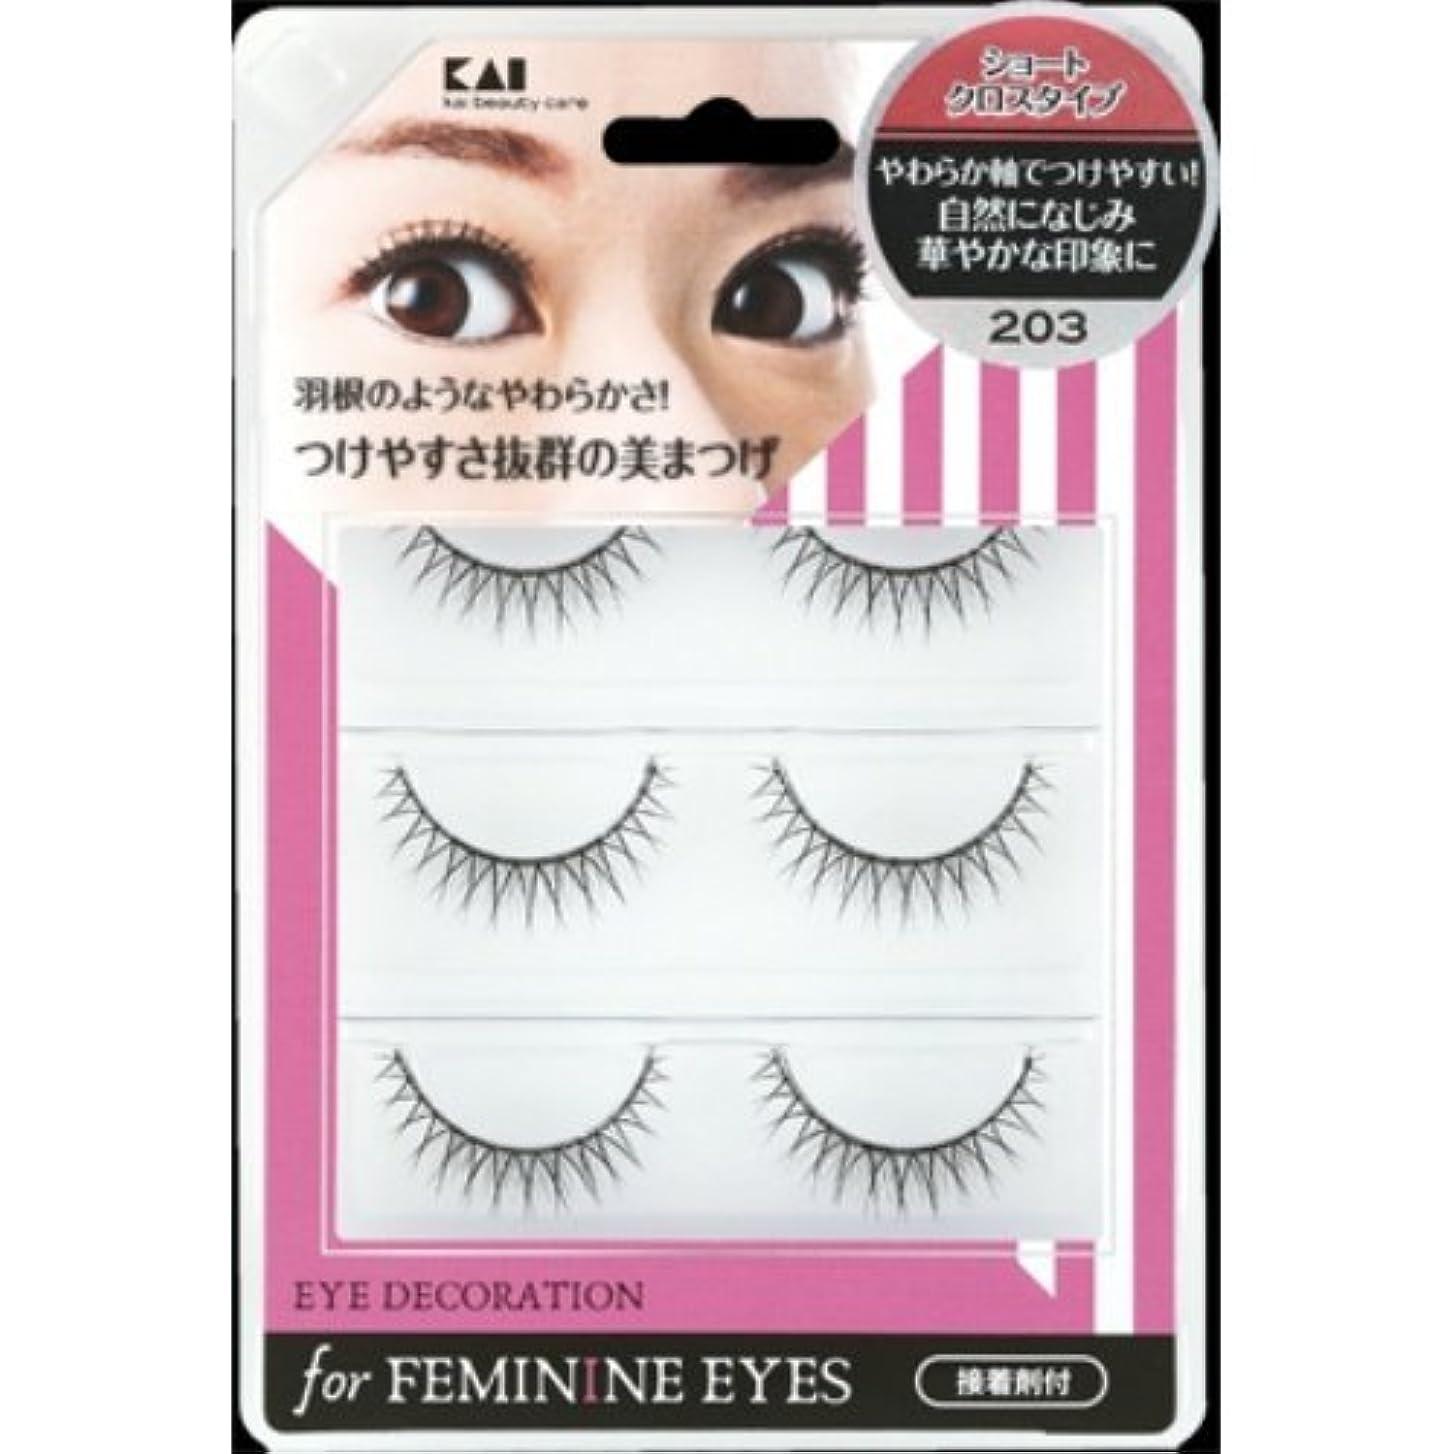 襲撃日十代貝印 アイデコレーション for feminine eyes 203 HC1560